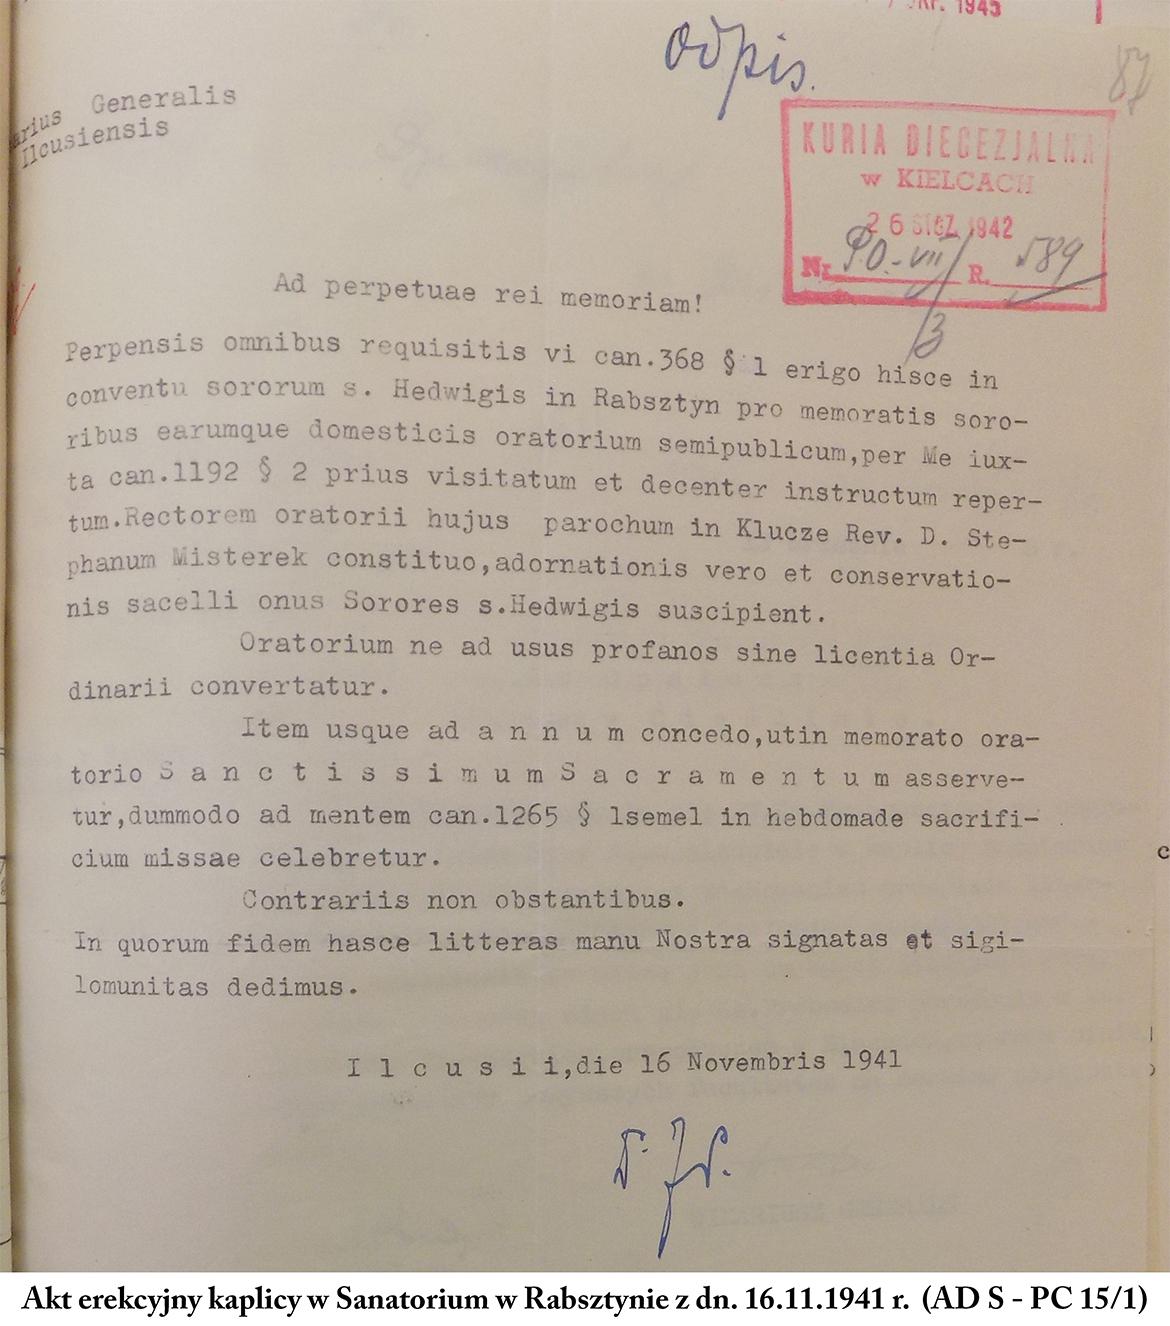 Akt erekcyjny kaplicy w Sanatorium w Rabsztynie z dn. 16.11.1941 r. (AD S - PC 15-1)